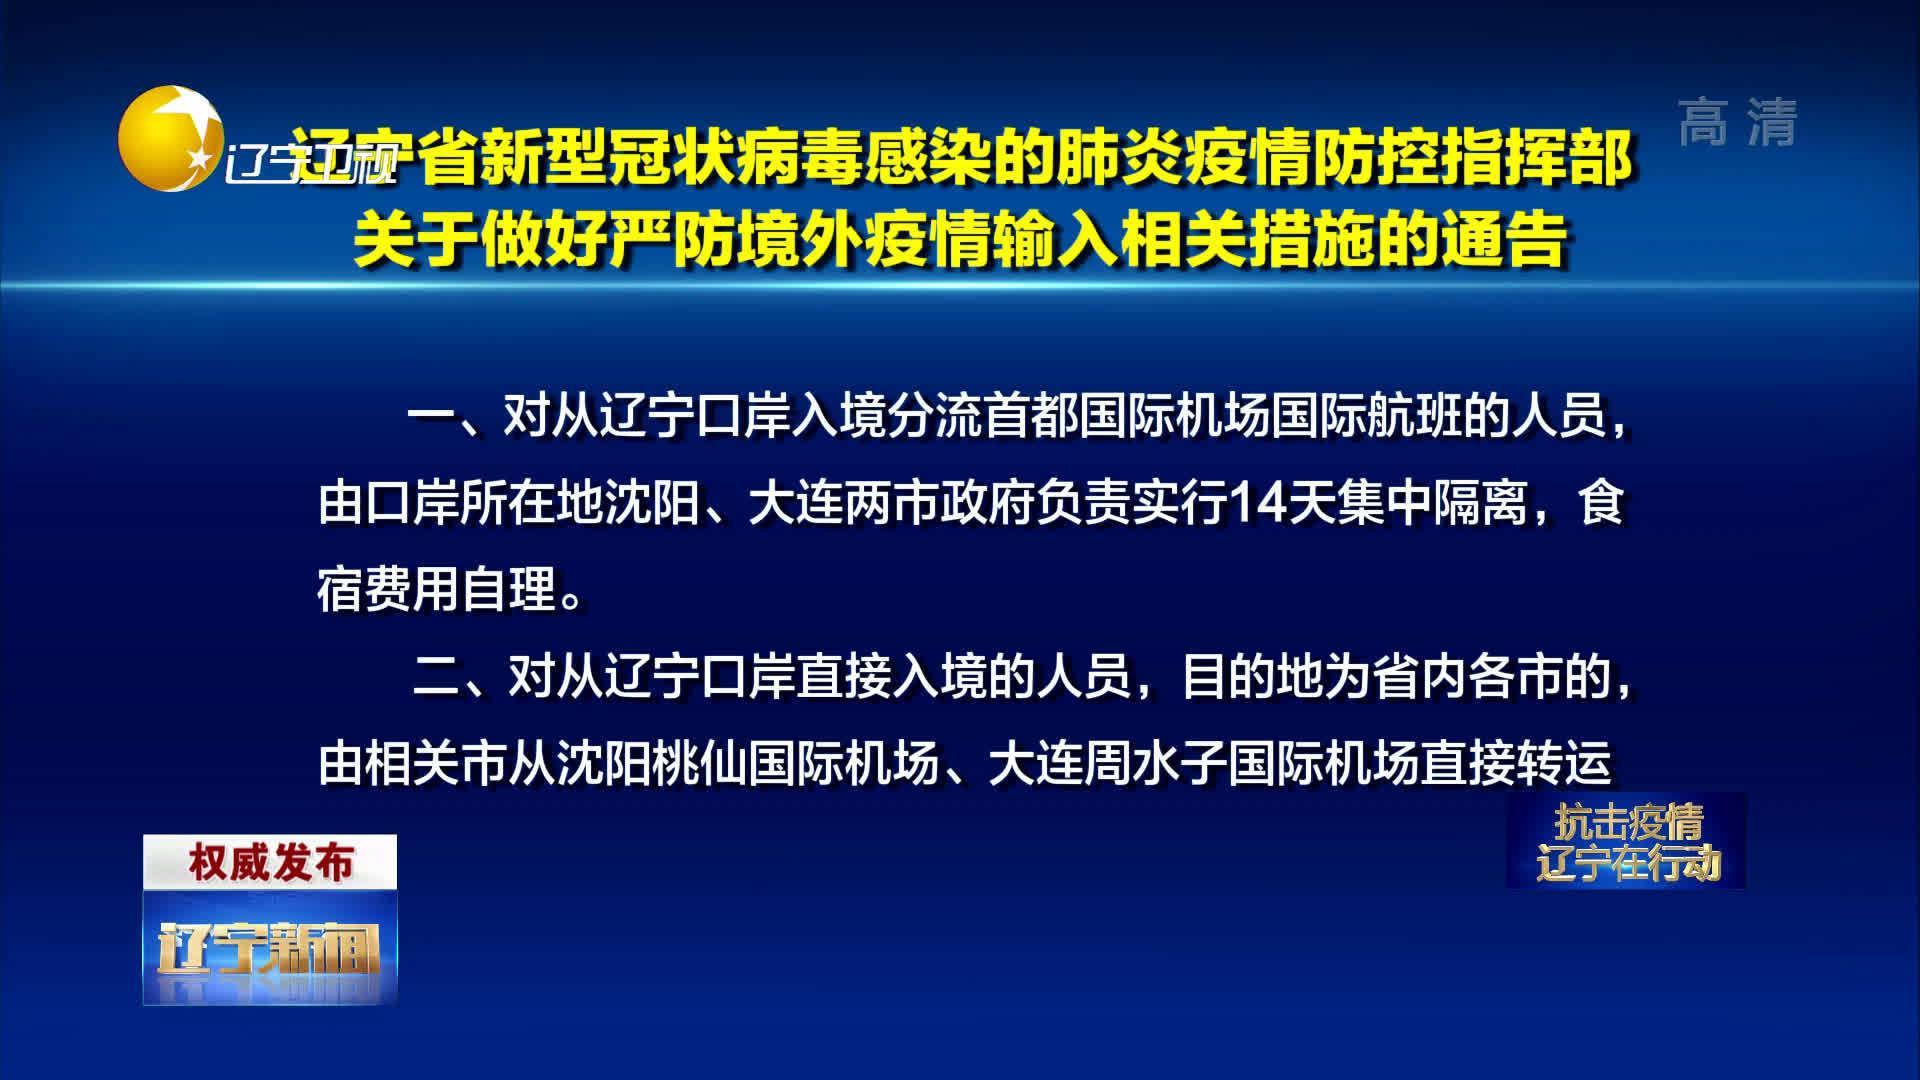 辽宁发布关于做好严防境外疫情输入相关措施的通告